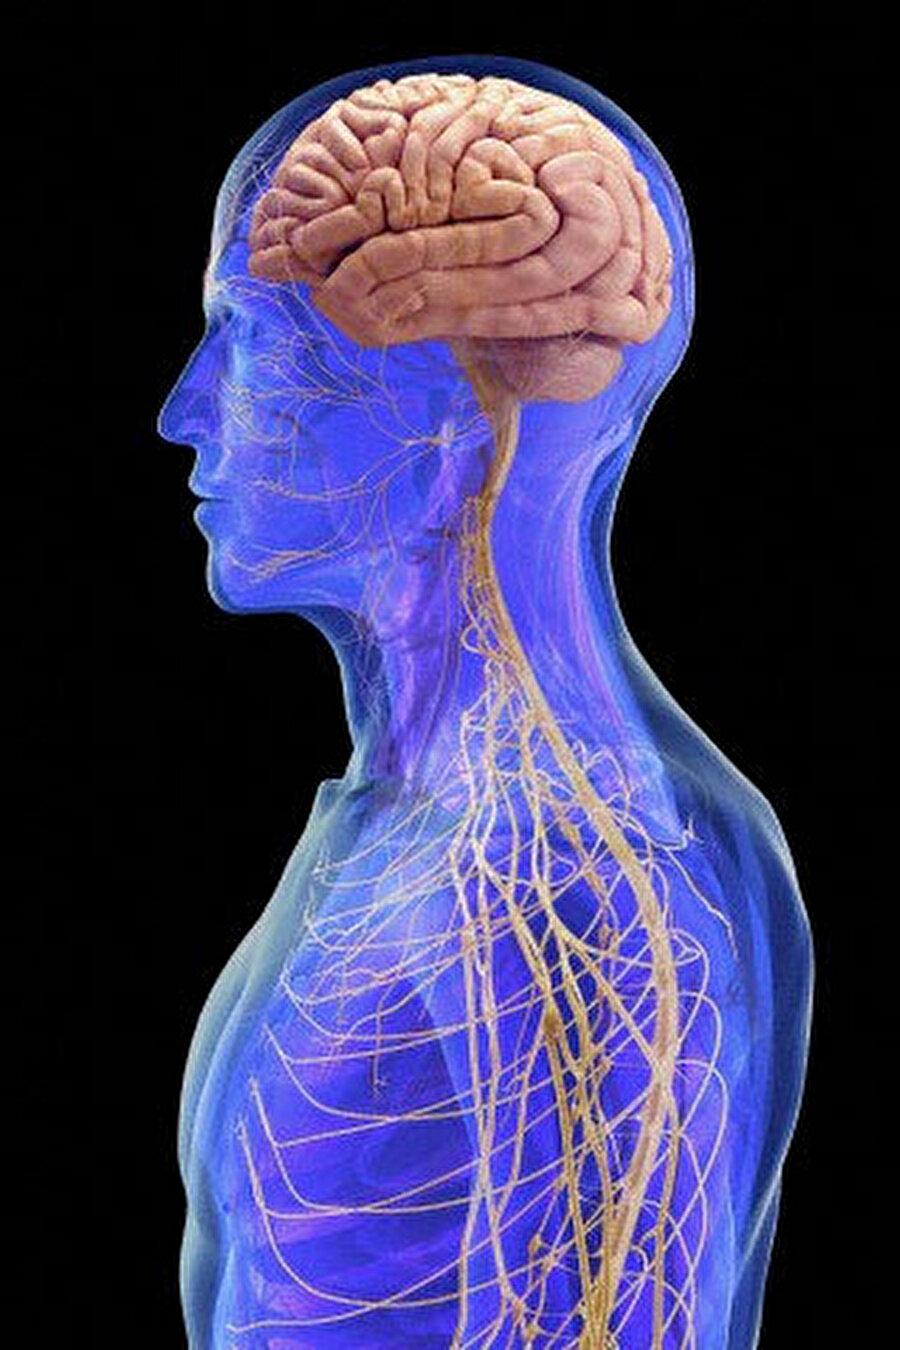 Beden ve zihin bağlantısı                                      Zihnimizin bedenimizi kontrol ettiğini ve fiziksel hareketlerimize onun karar verdiğini biliyoruz ancak beynin tüm bu idare sistemini nasıl gerçekleştirdiği ve bedenimize nasıl komutlar verdiği bilimsel olarak çözülebilmiş değil.